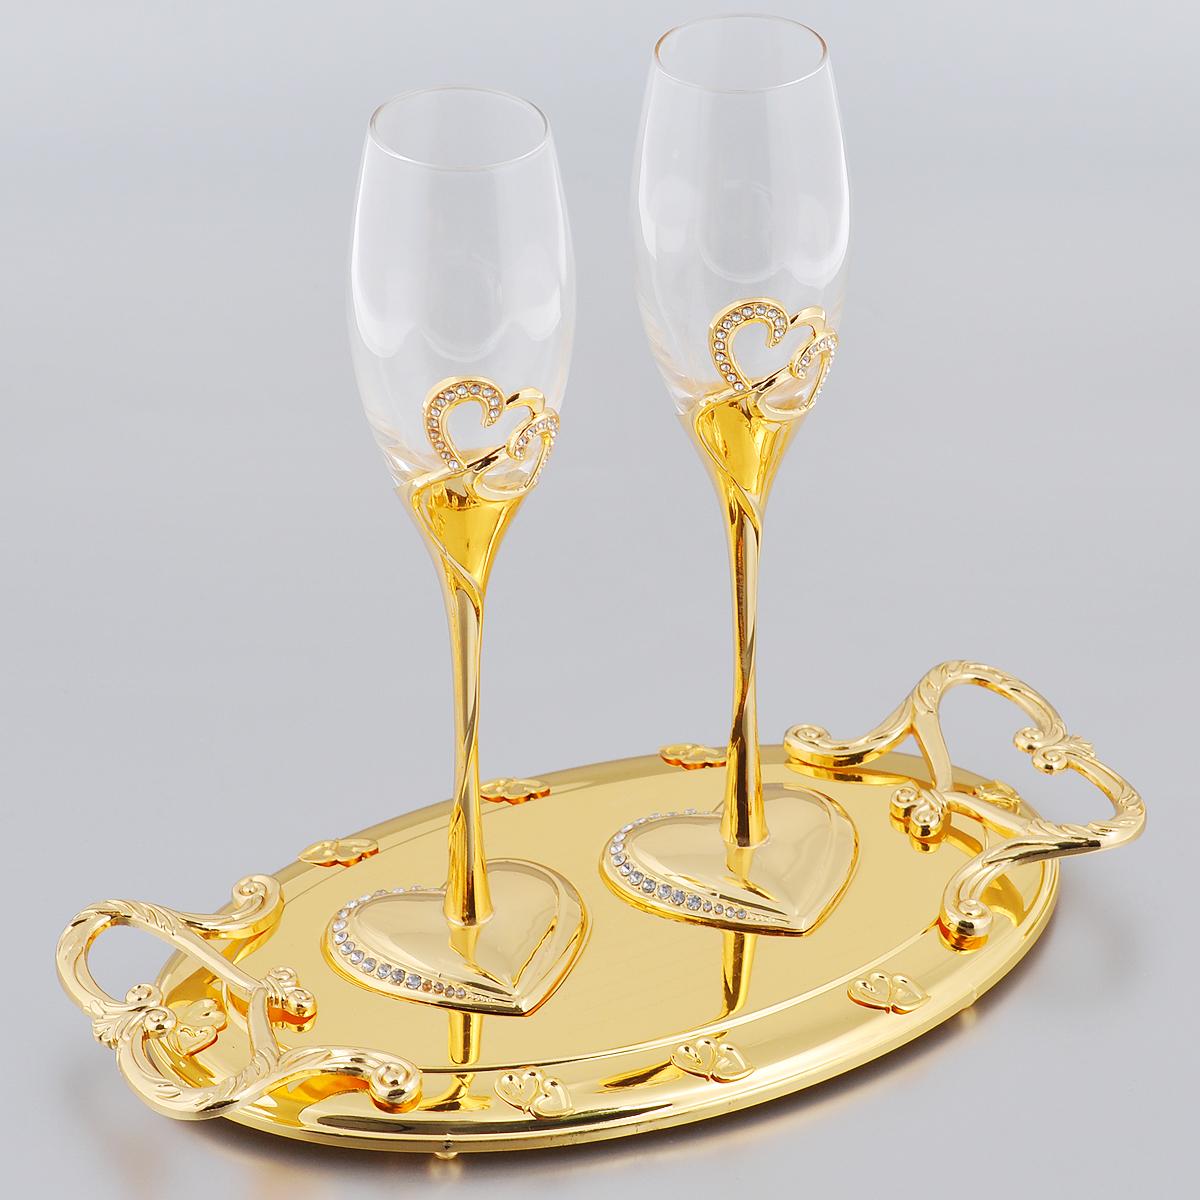 Набор бокалов Marquis Свадьба, на подносе, цвет: золотистый, 3 предмета. 2138-MR2138-MRНабор Marquis Свадьба состоит из двух бокалов для шампанского для молодоженов и подноса. Бокалы выполнены из стекла. Изящные тонкие ножки, выполненные из стали с серебряно-никелевым покрытием, оформлены перфорацией в виде двух сплетенных сердец, инкрустированных стразами. Основание в виде сердца также оформлено стразами. Овальная подставка с ручками, украшенная гравировкой и рельефом, прекрасно дополняет набор. Такой набор принесет особую атмосферу торжества и праздника.